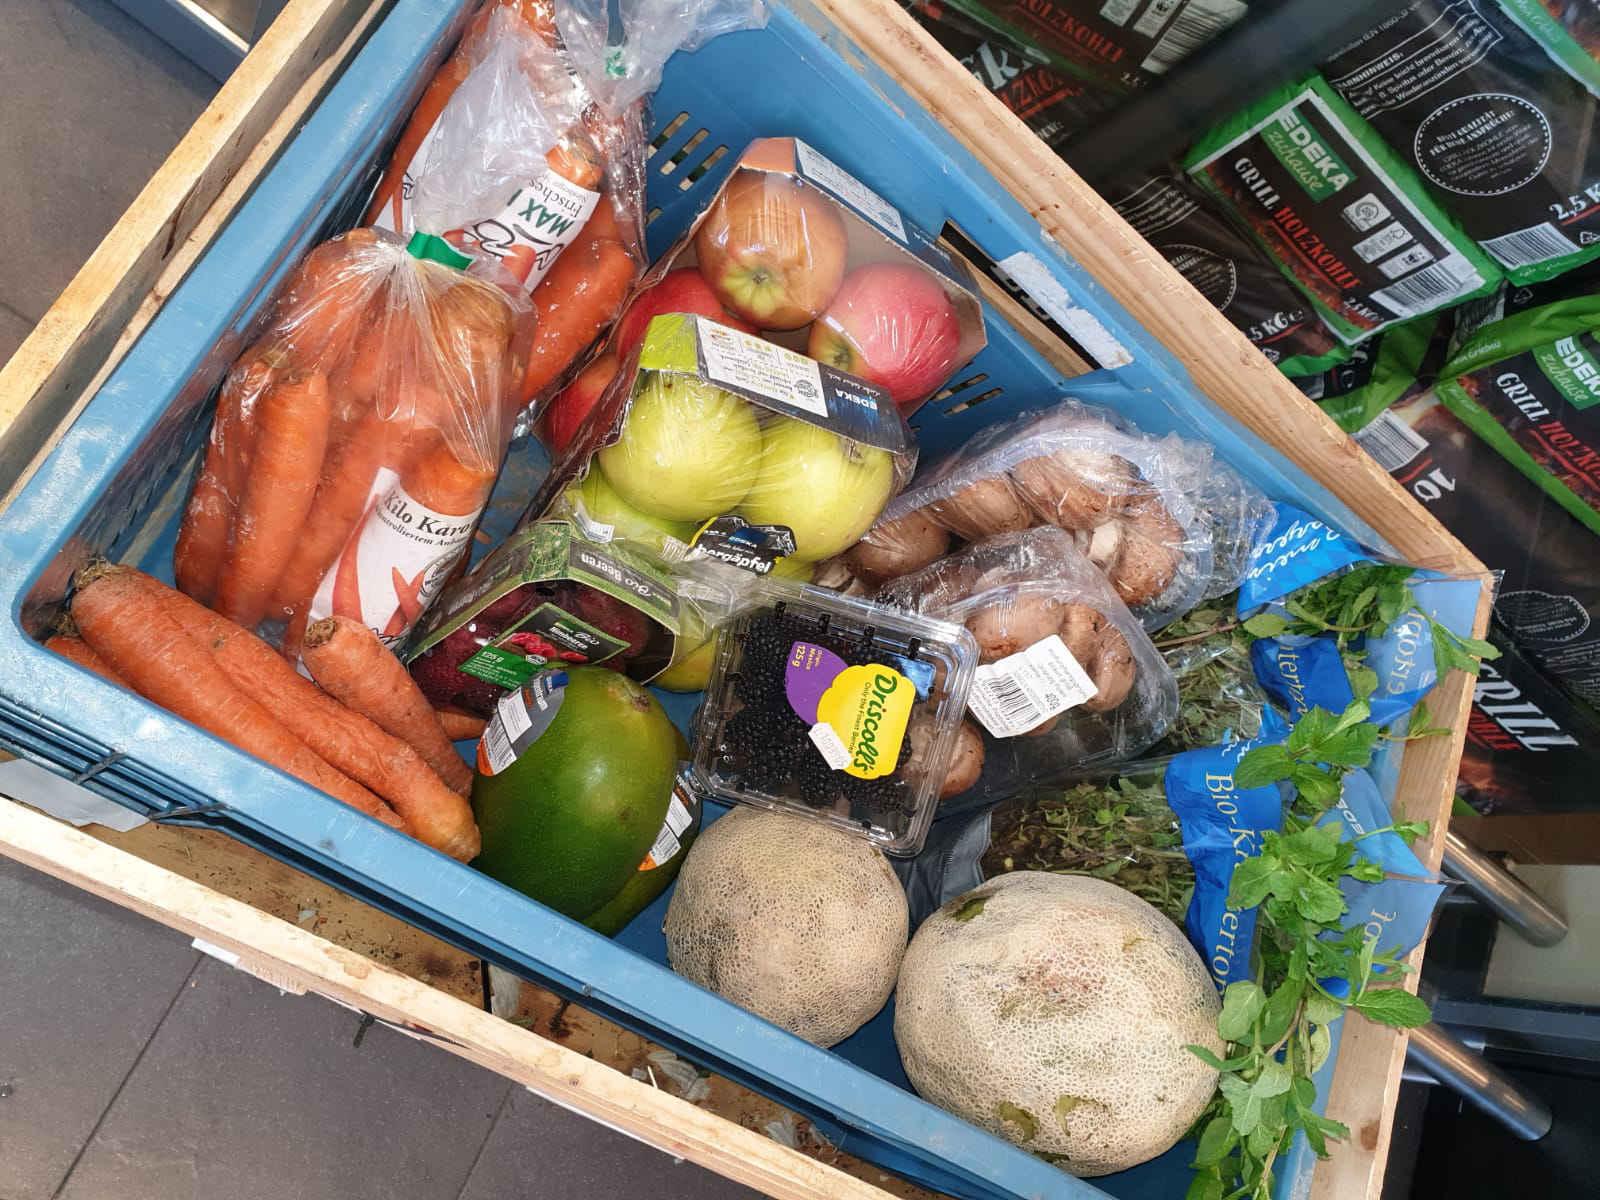 Kampf gegen die Lebensmittelverschwendung mit der Kiste Fair-Teiler bei Edeka Dirnberger